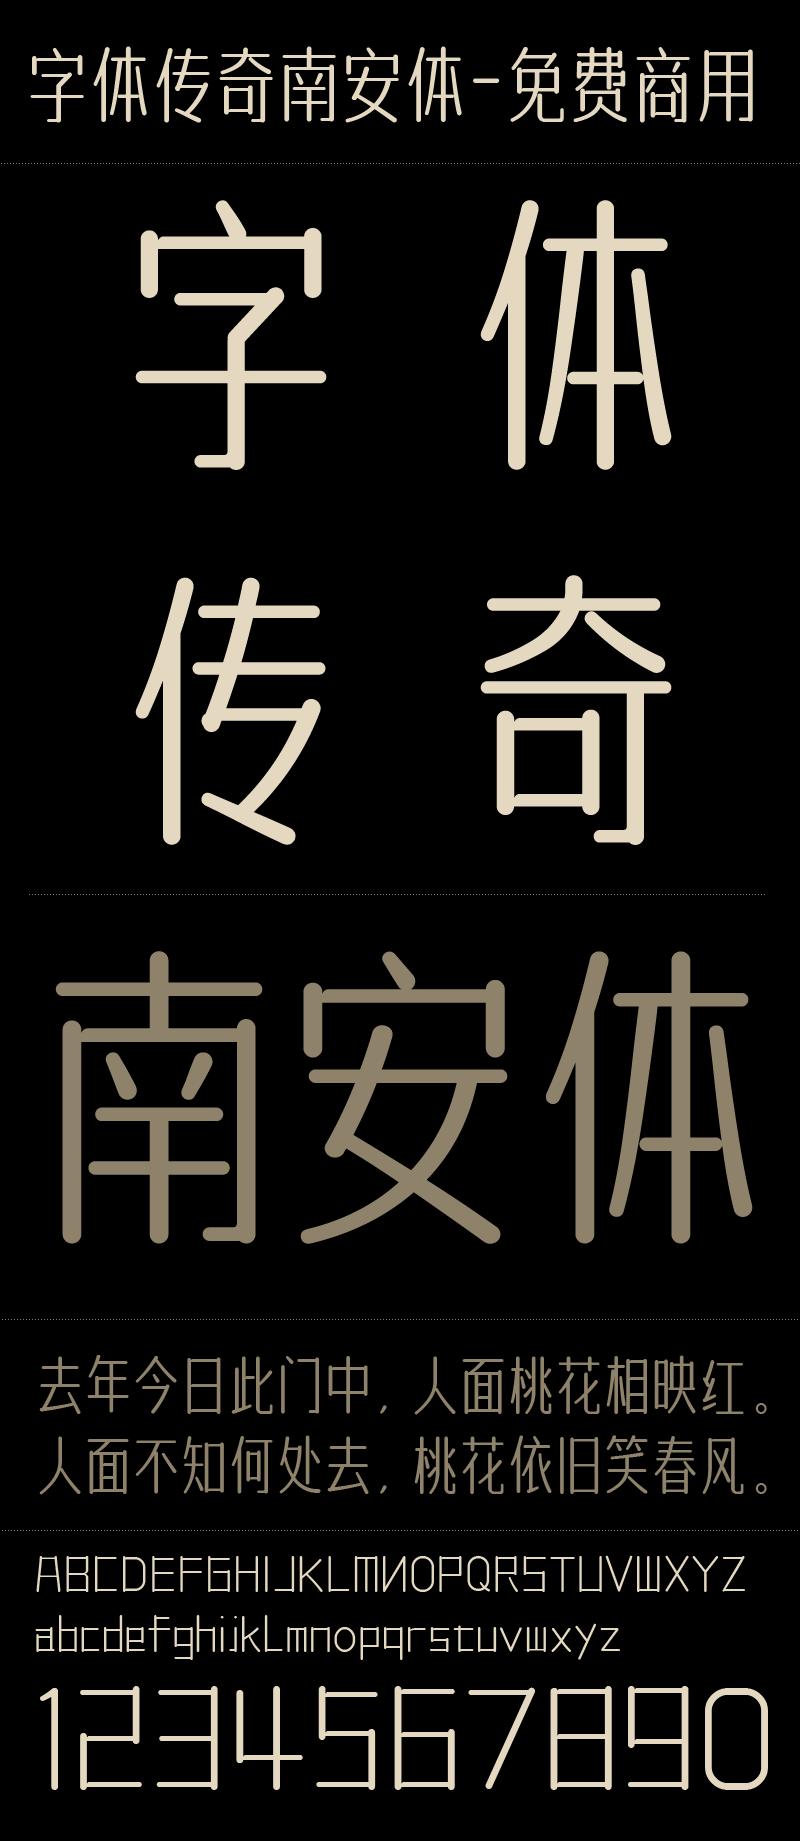 手写字体 字体传奇南安体-免费商用